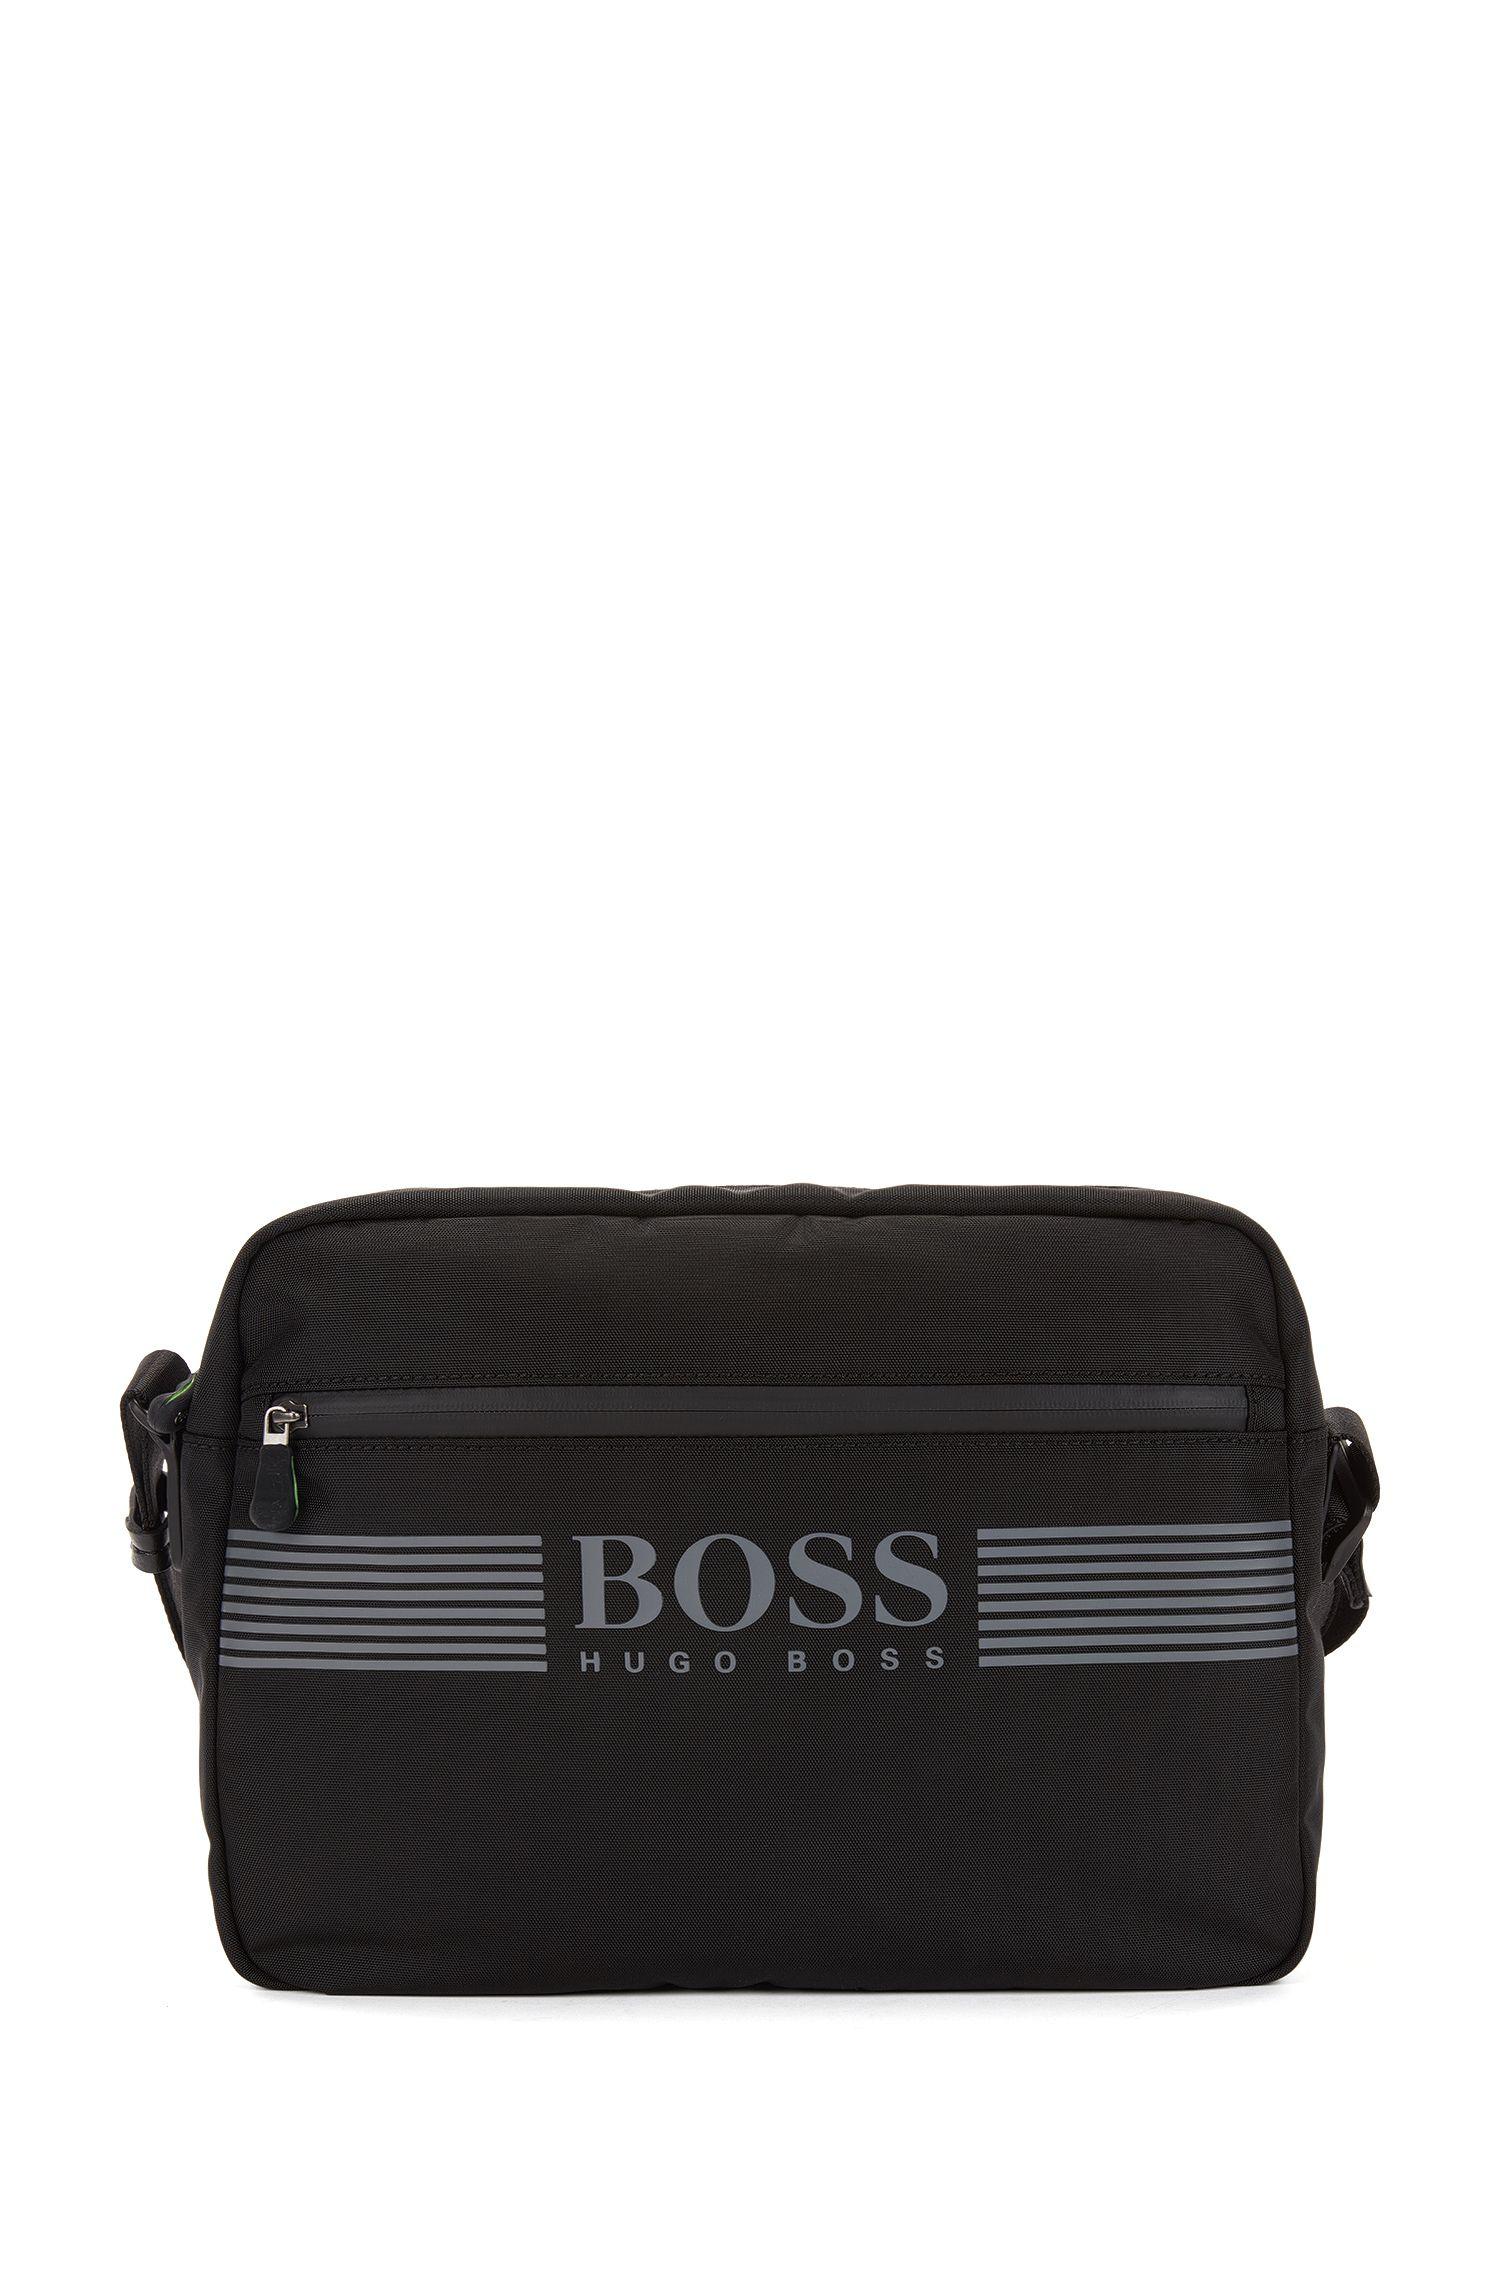 Messenger bag in durable nylon